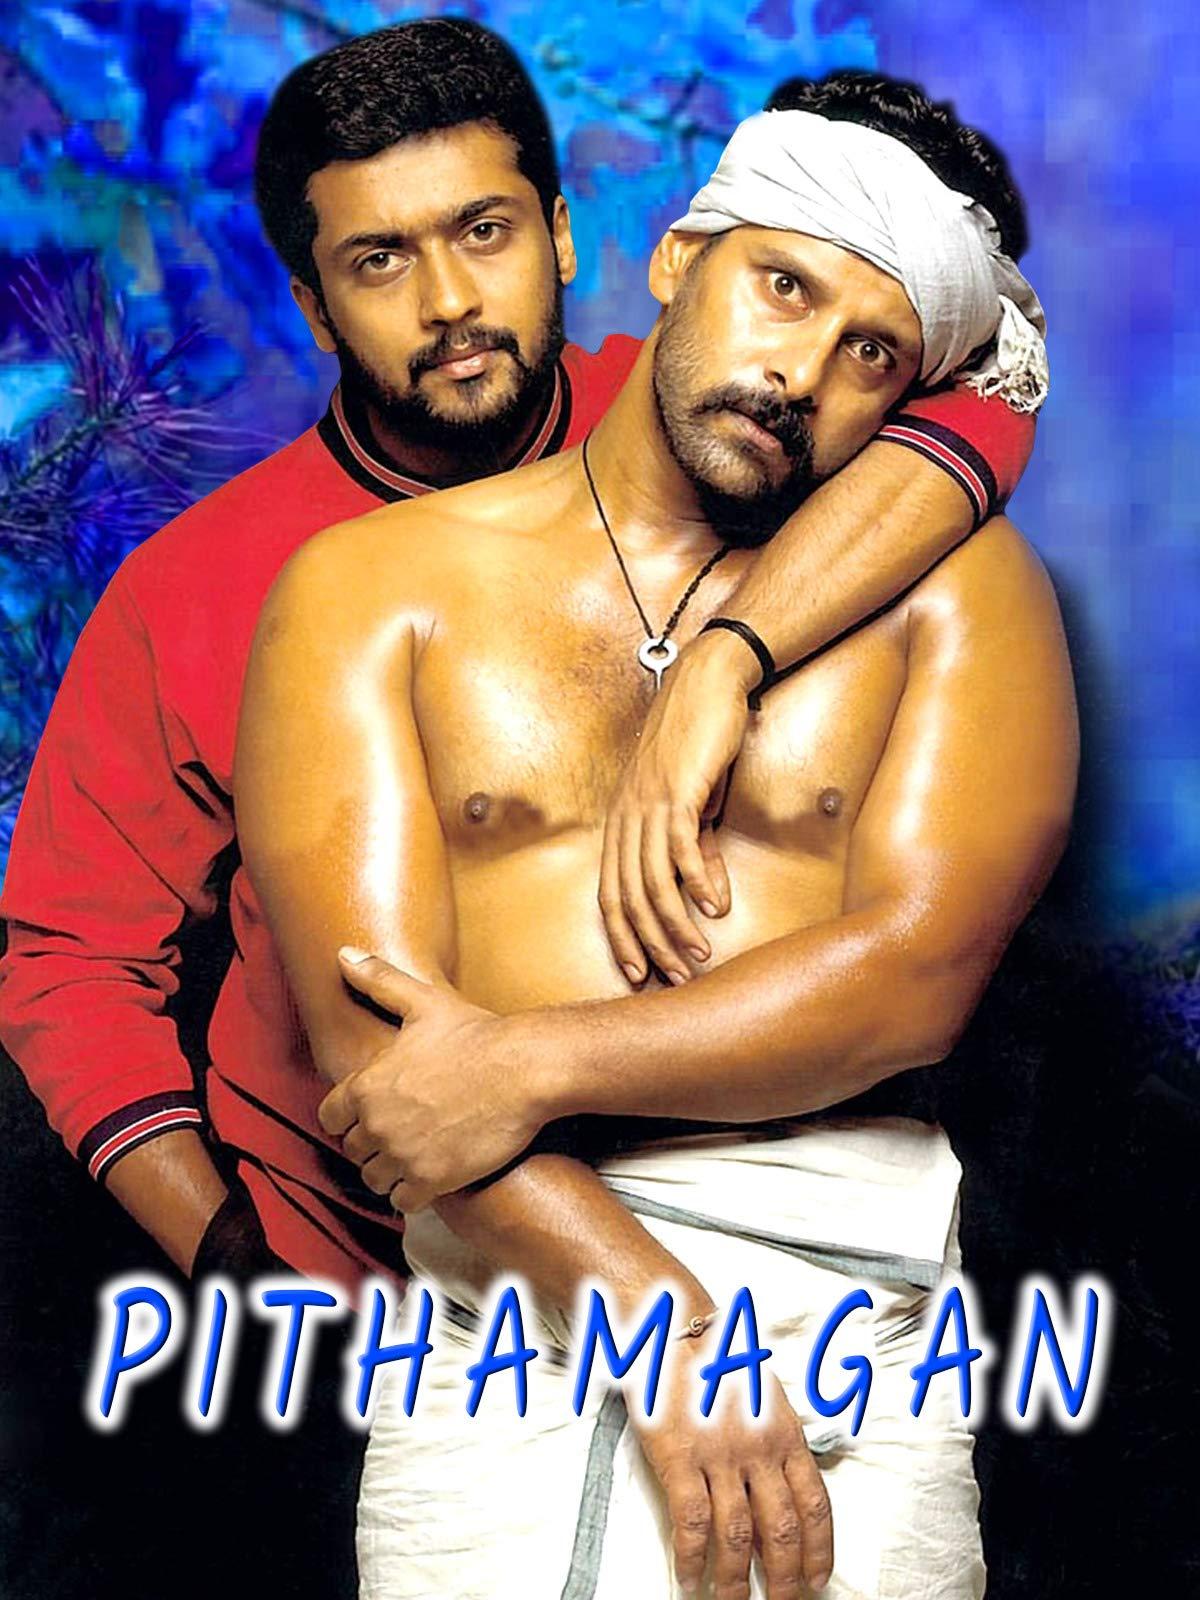 Pithamagan 2020 Hindi Dubbed 720p HDRip 750MB